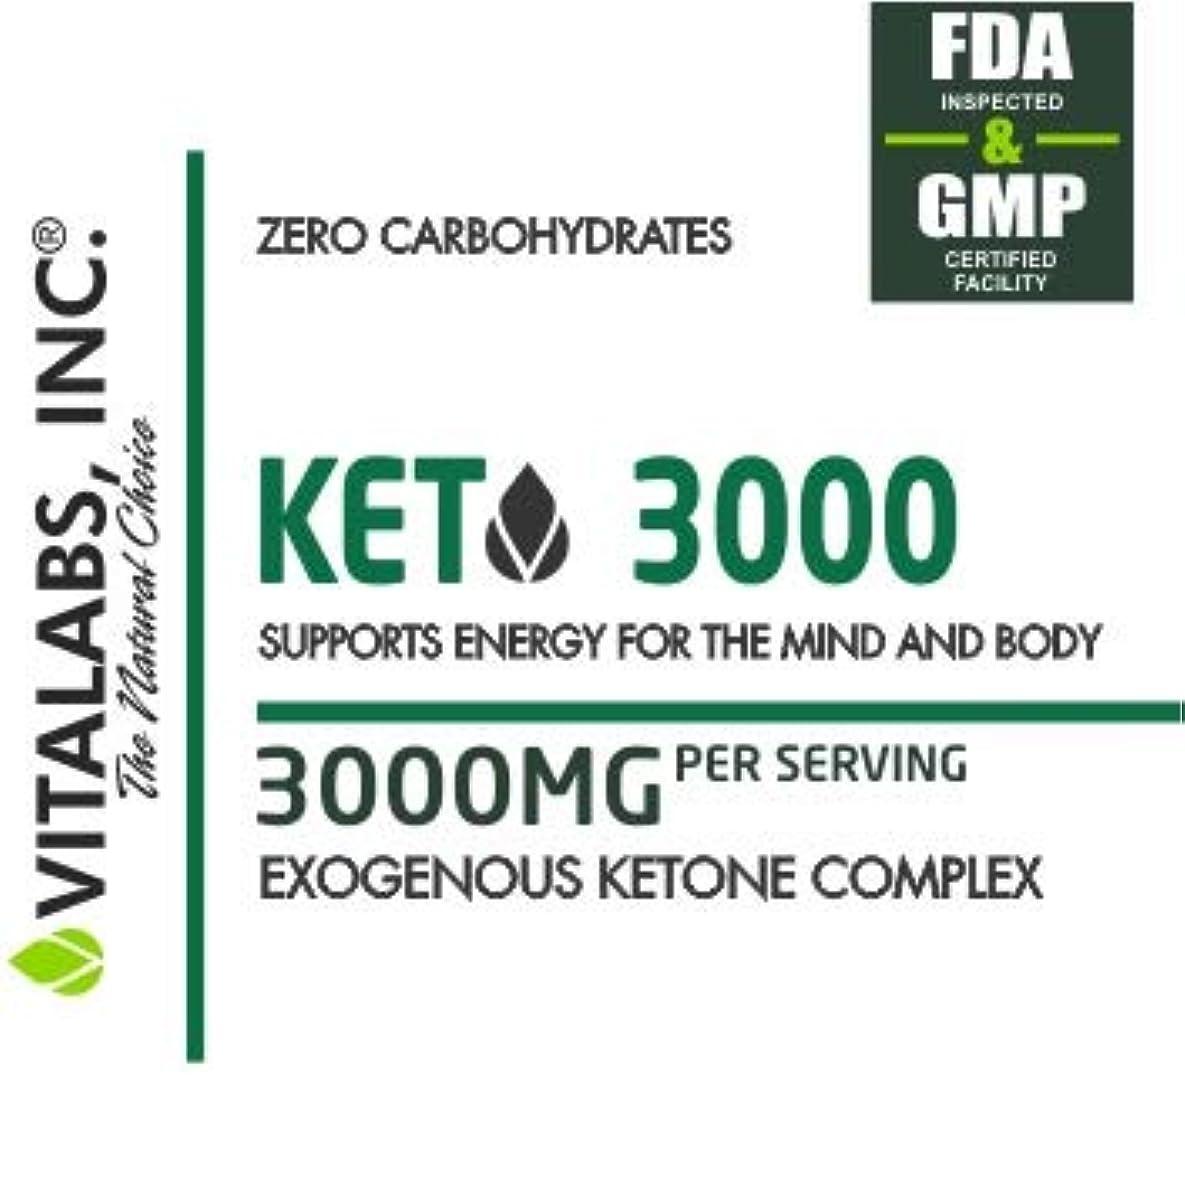 減らす添加幽霊低炭水化物状態を作る/ケトジェニックダイエットサポートサプリメント KETO 3000/ Vitalabs 【アメリカより直送】】 (240カプセル(60回分))